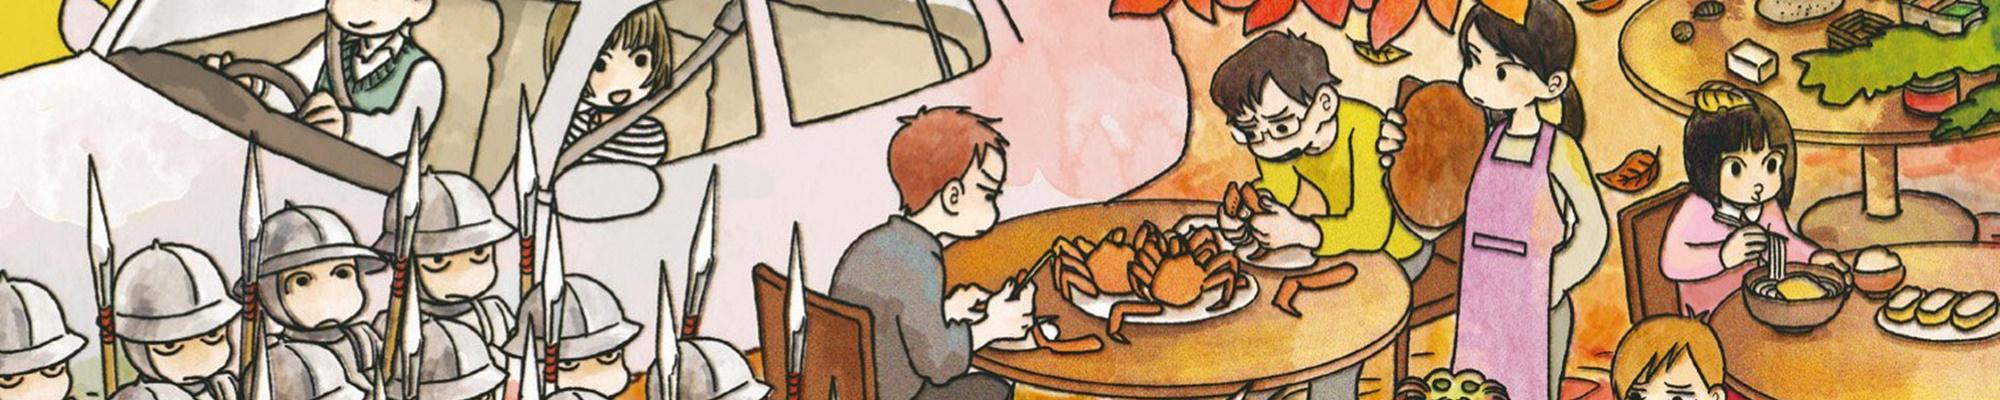 能让人把大腿拍肿的漫画——九井谅子《抽屉里的温室箱》